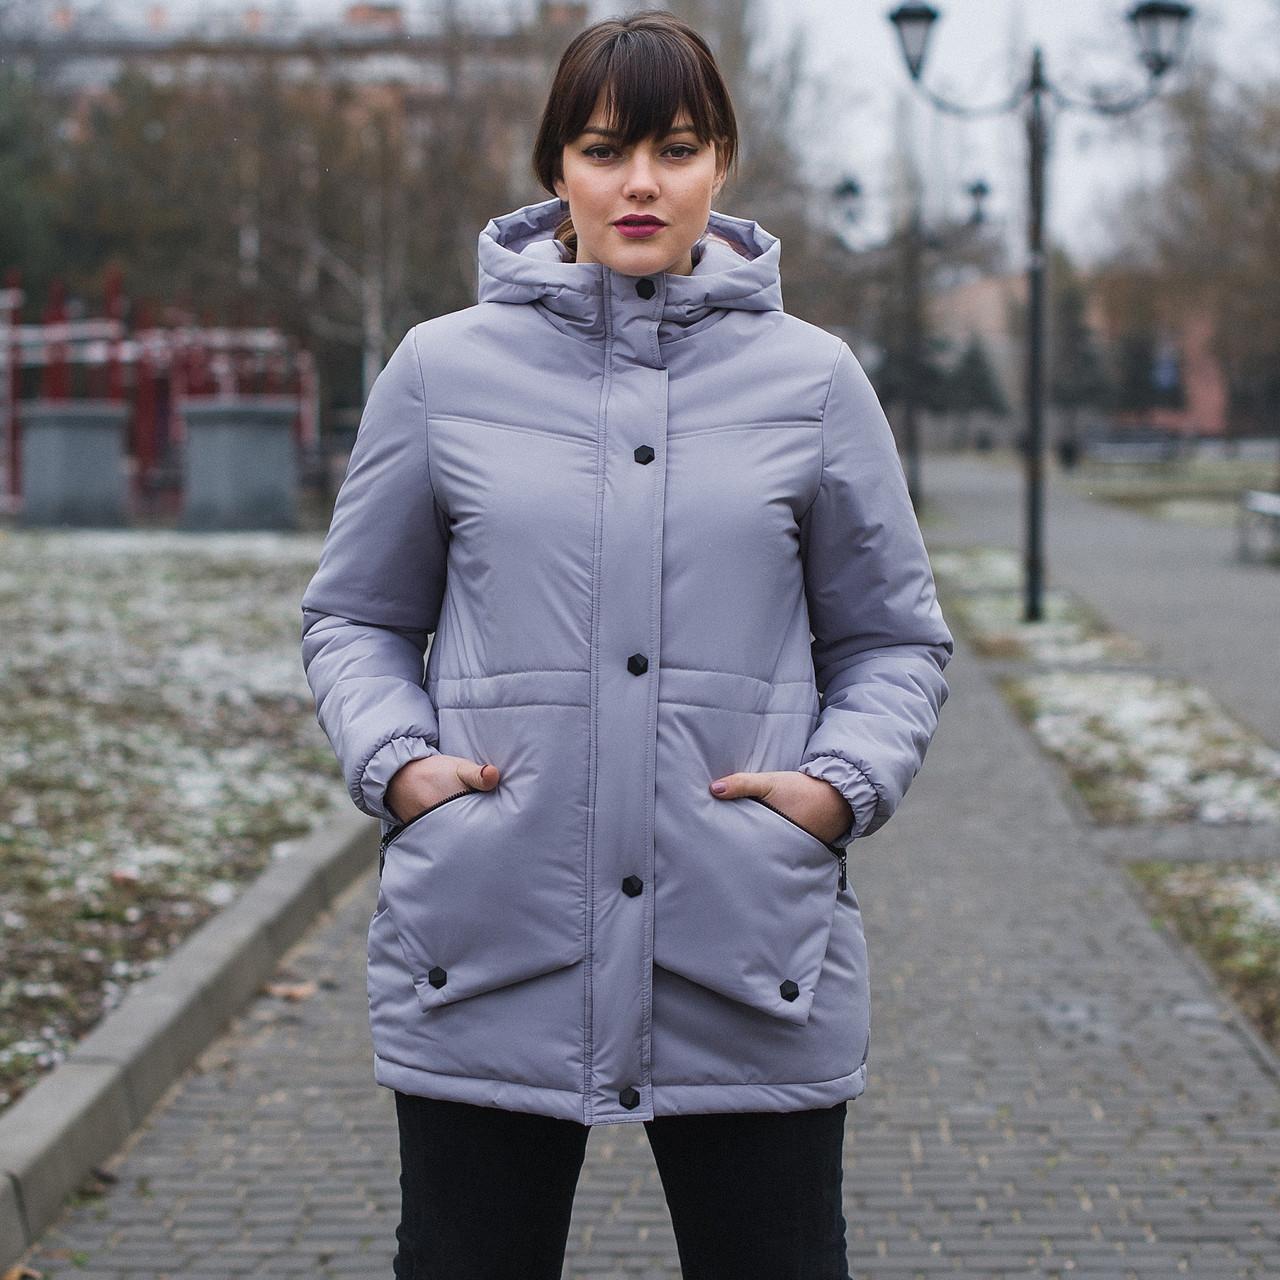 54040b1fece Женская весенняя куртка больших размеров 54-66 - Интернет-магазин